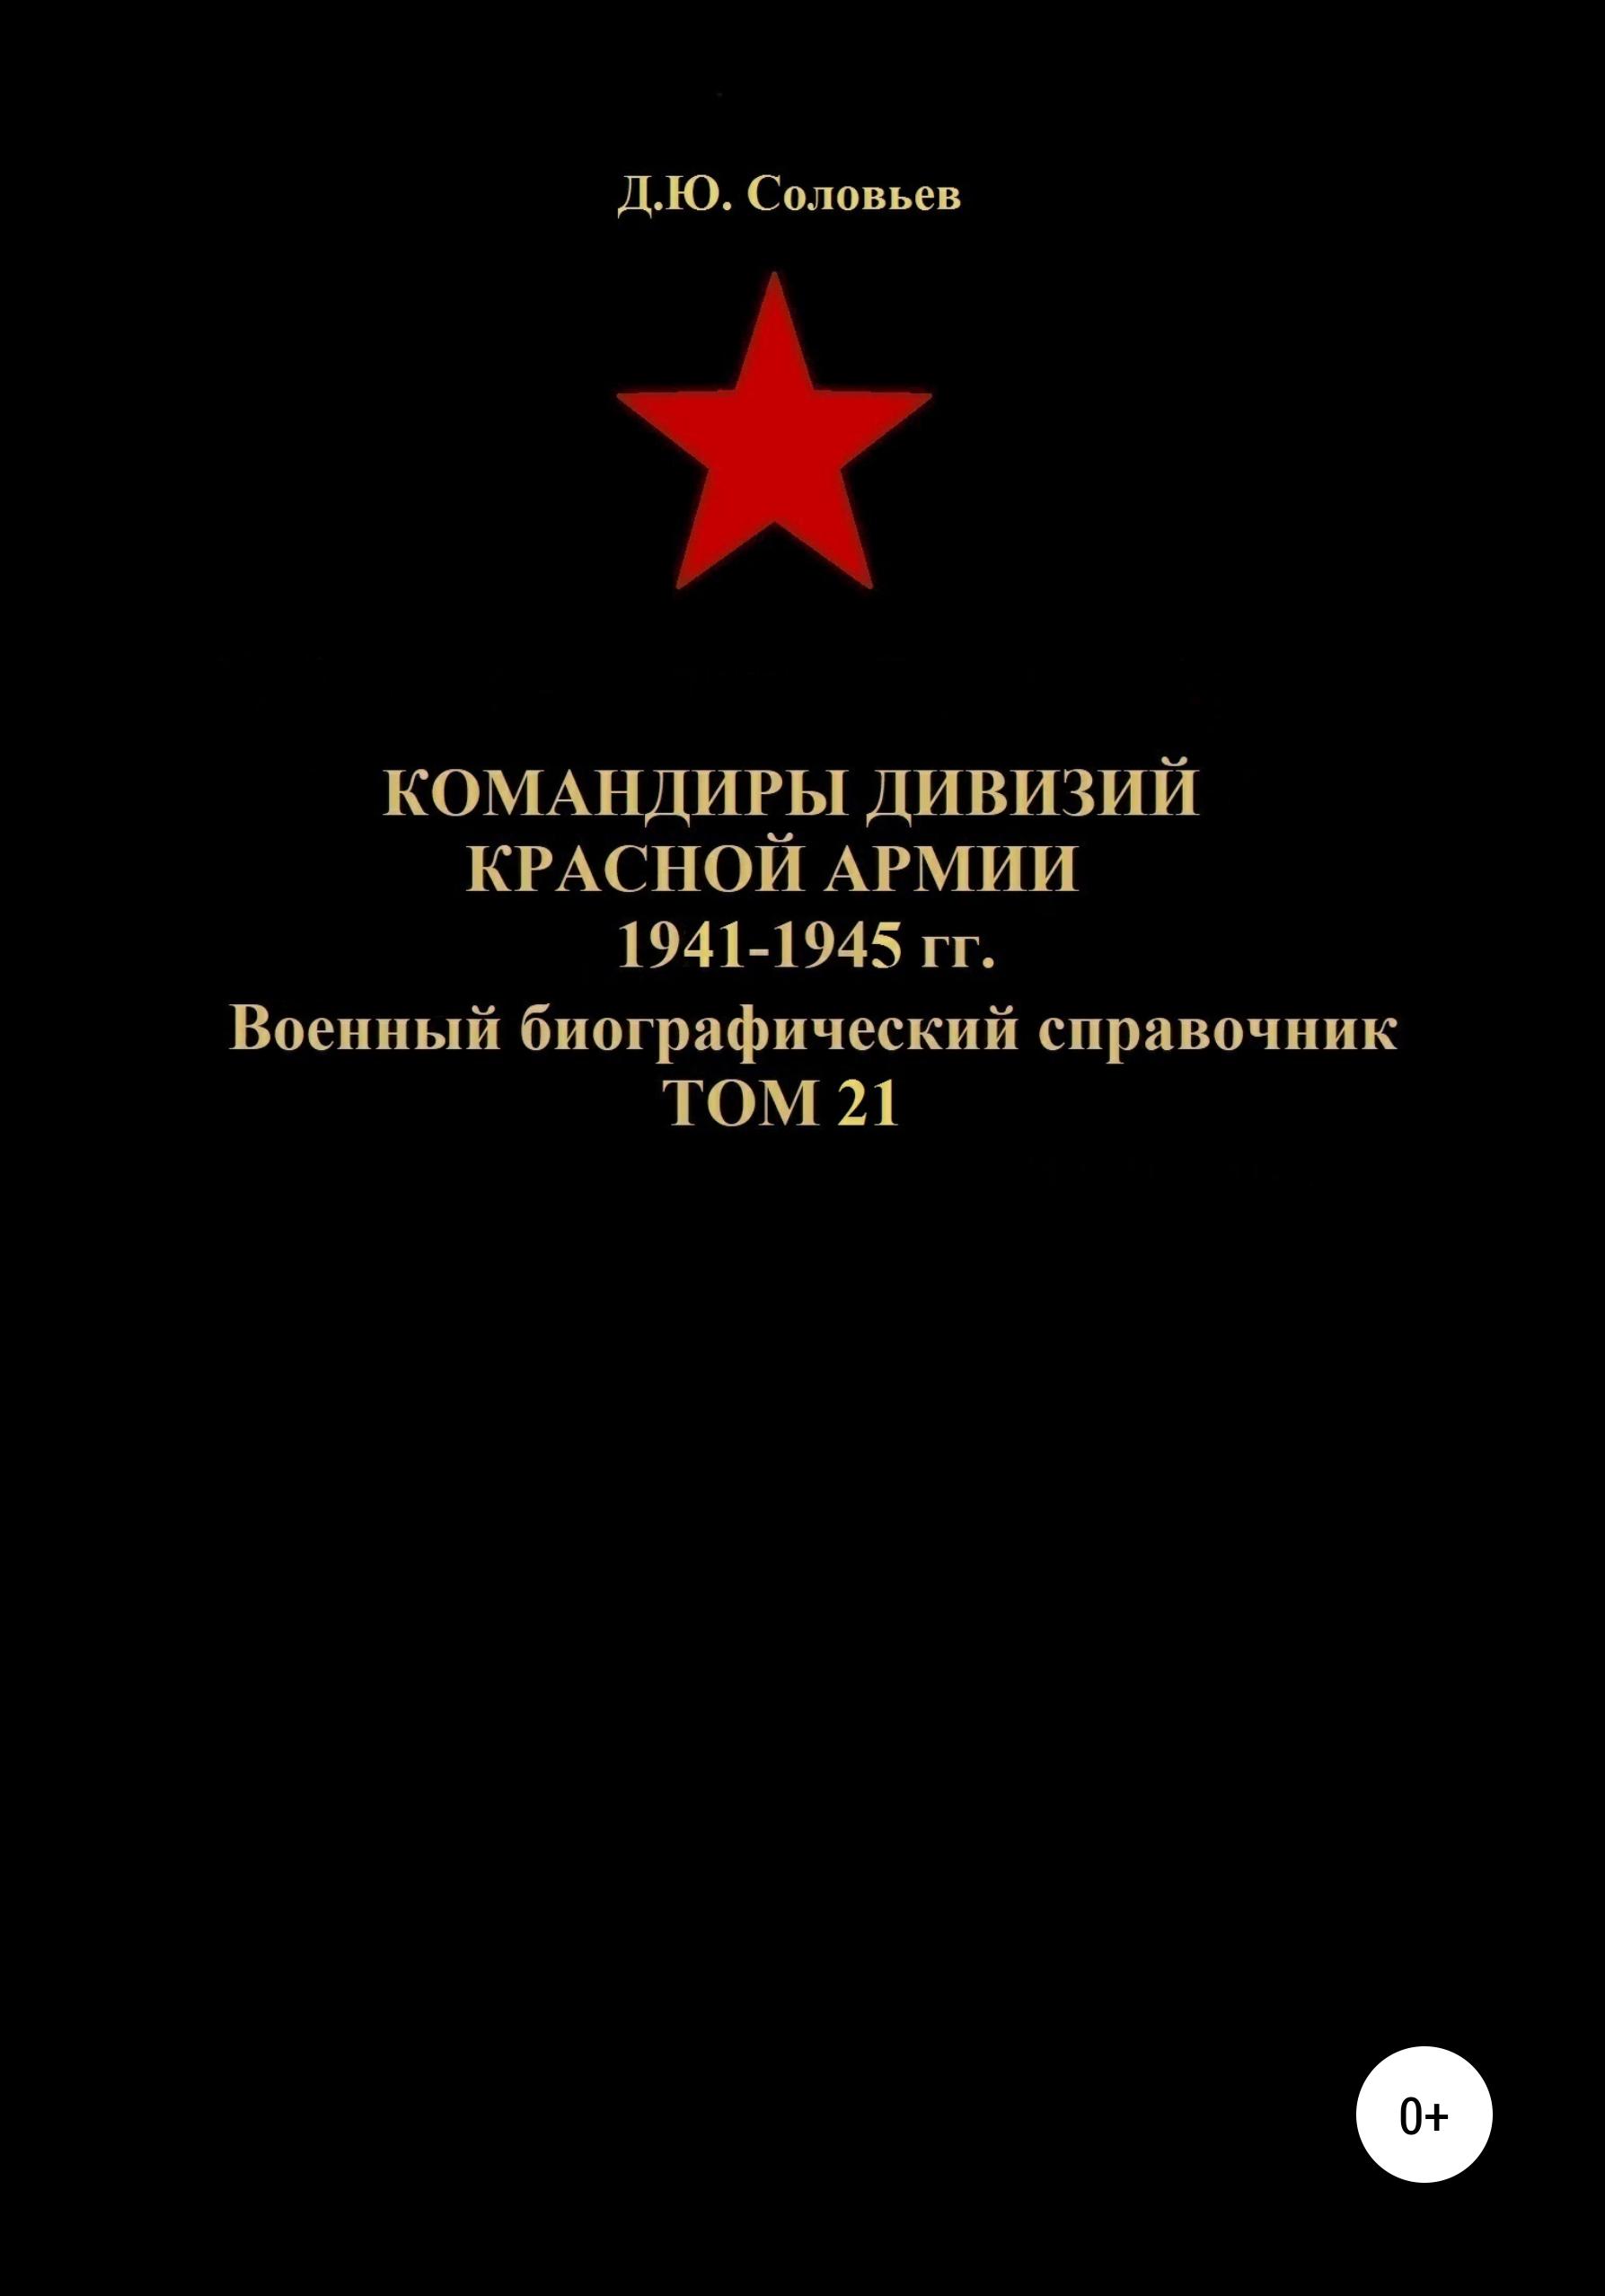 Командиры дивизий Красной Армии 1941-1945 гг. Том 21